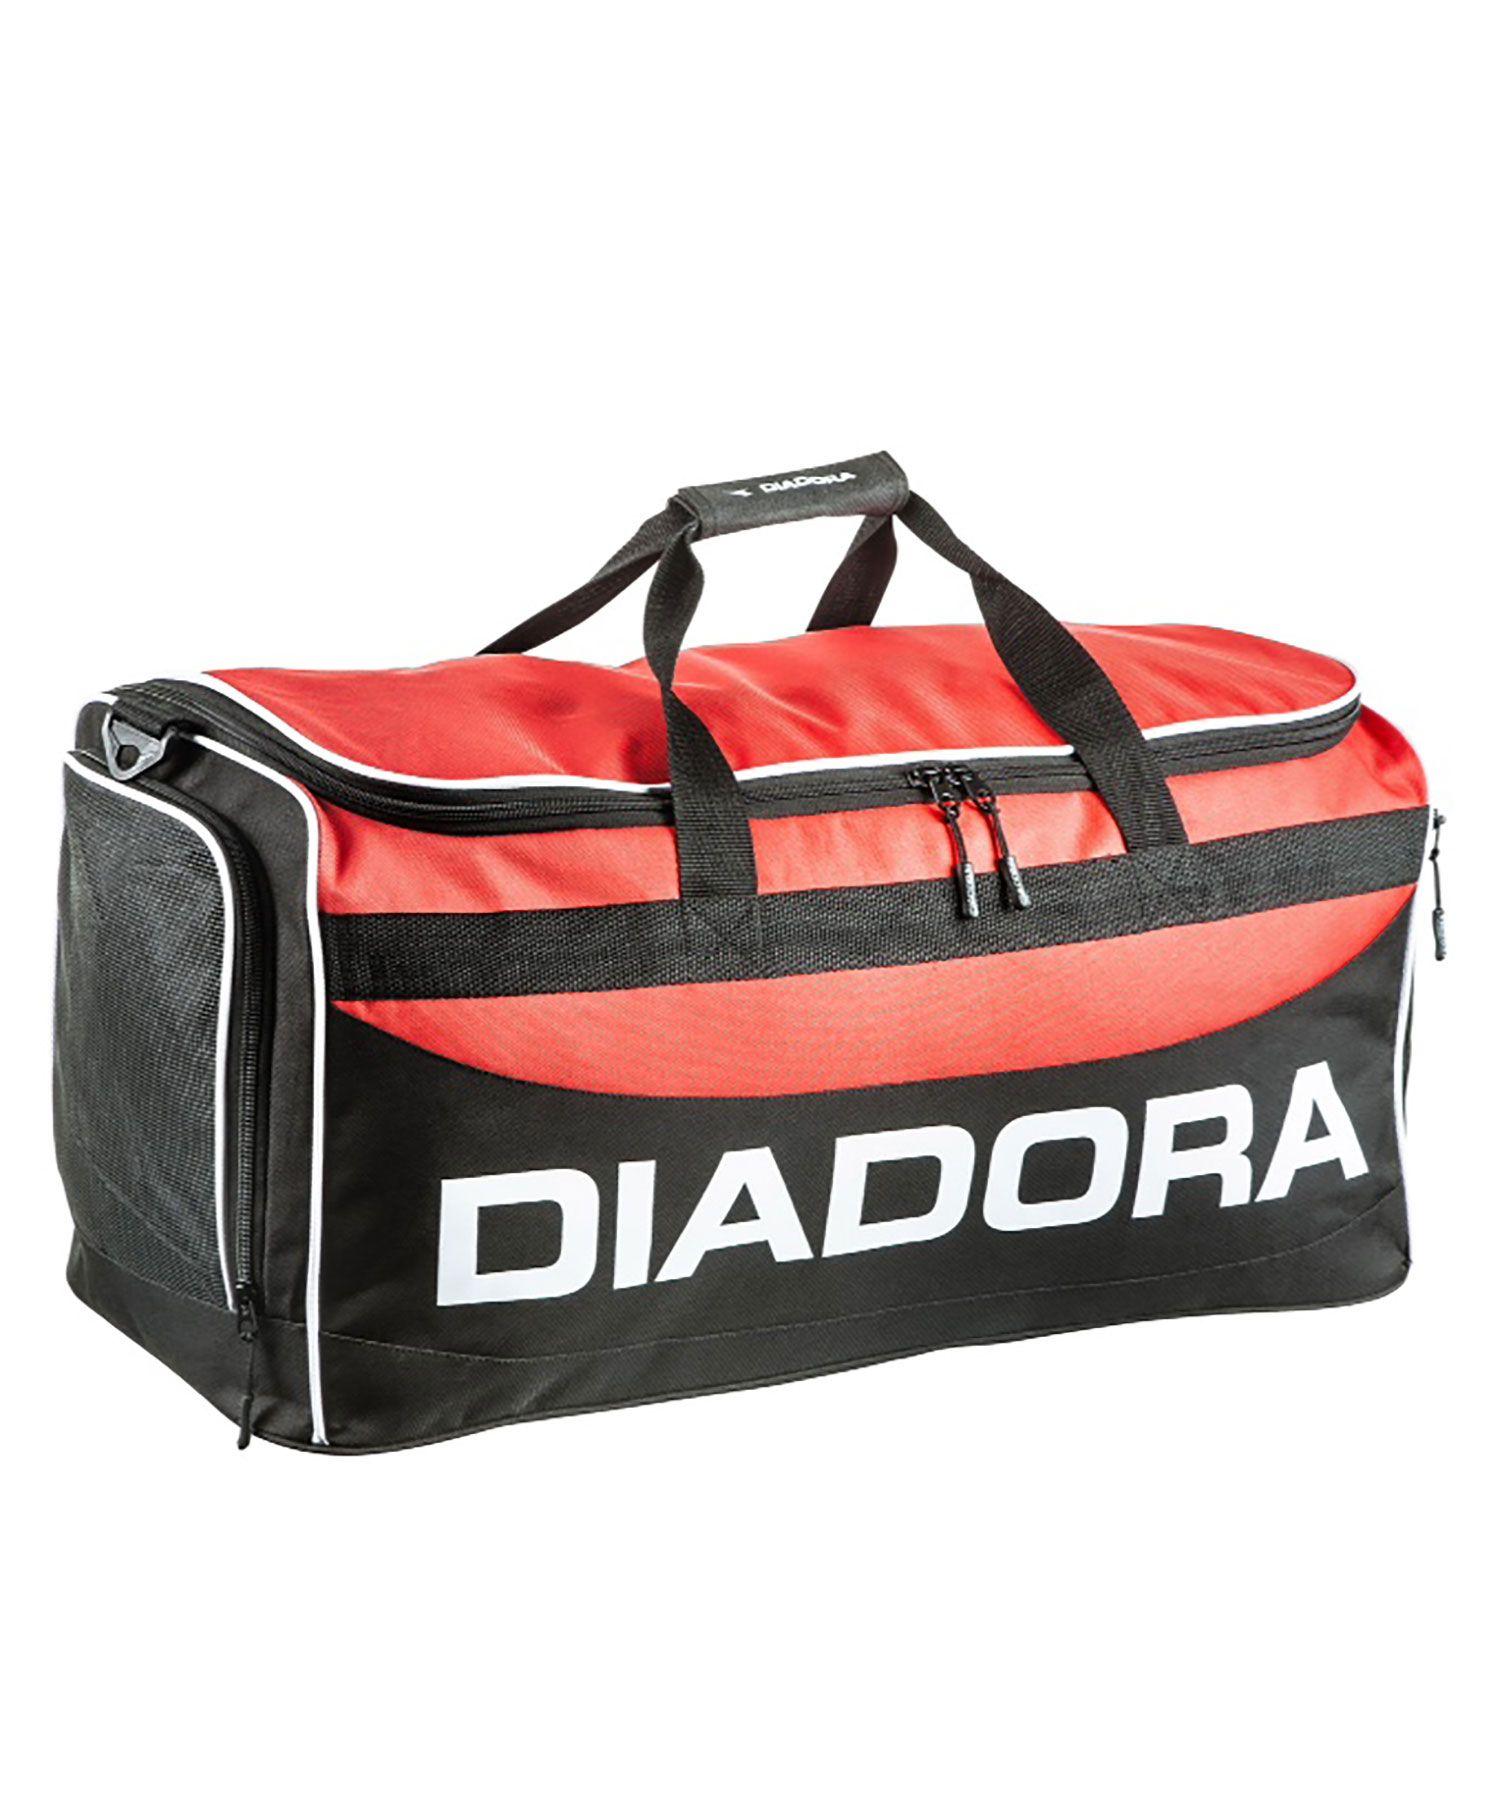 Diadora Equipo bag